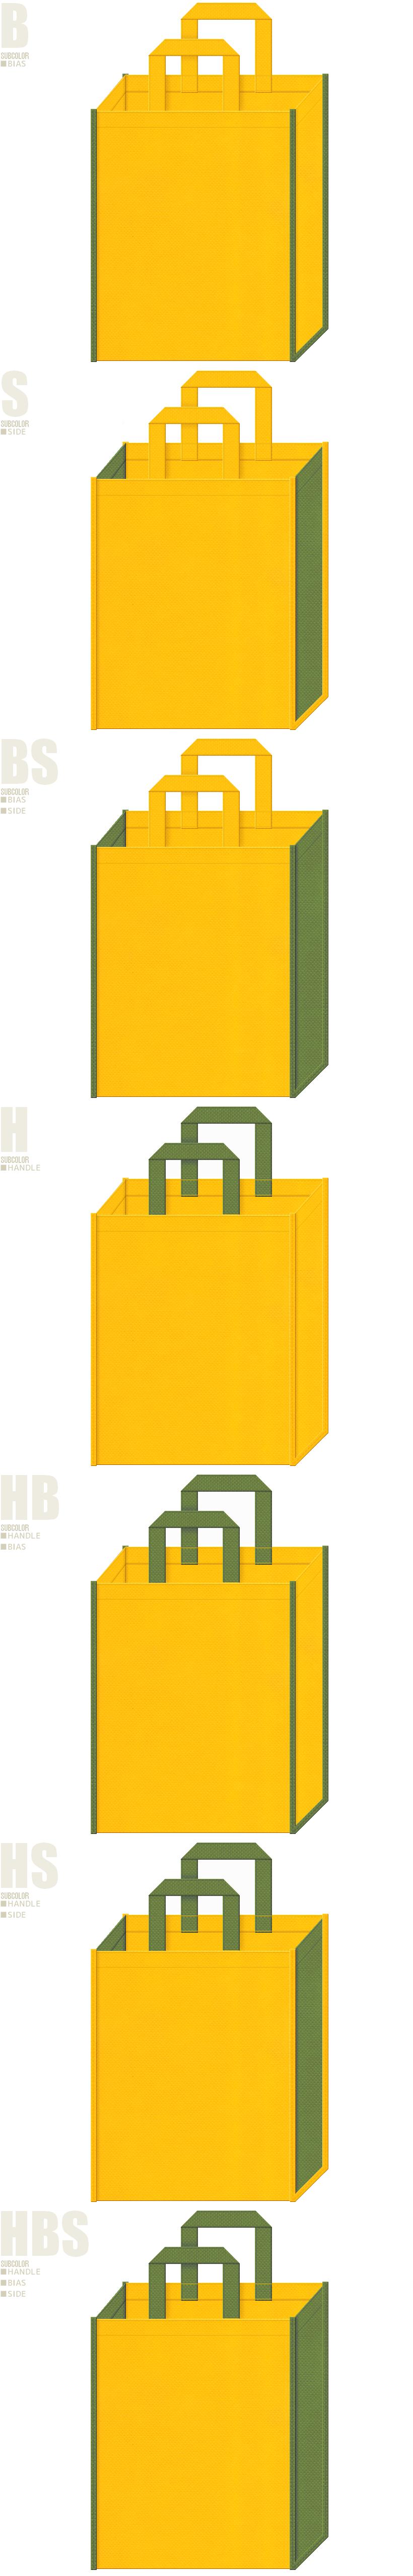 栗・抹茶・和菓子のショッピングバッグにお奨めの不織布バッグデザイン:黄色と草色の配色7パターン